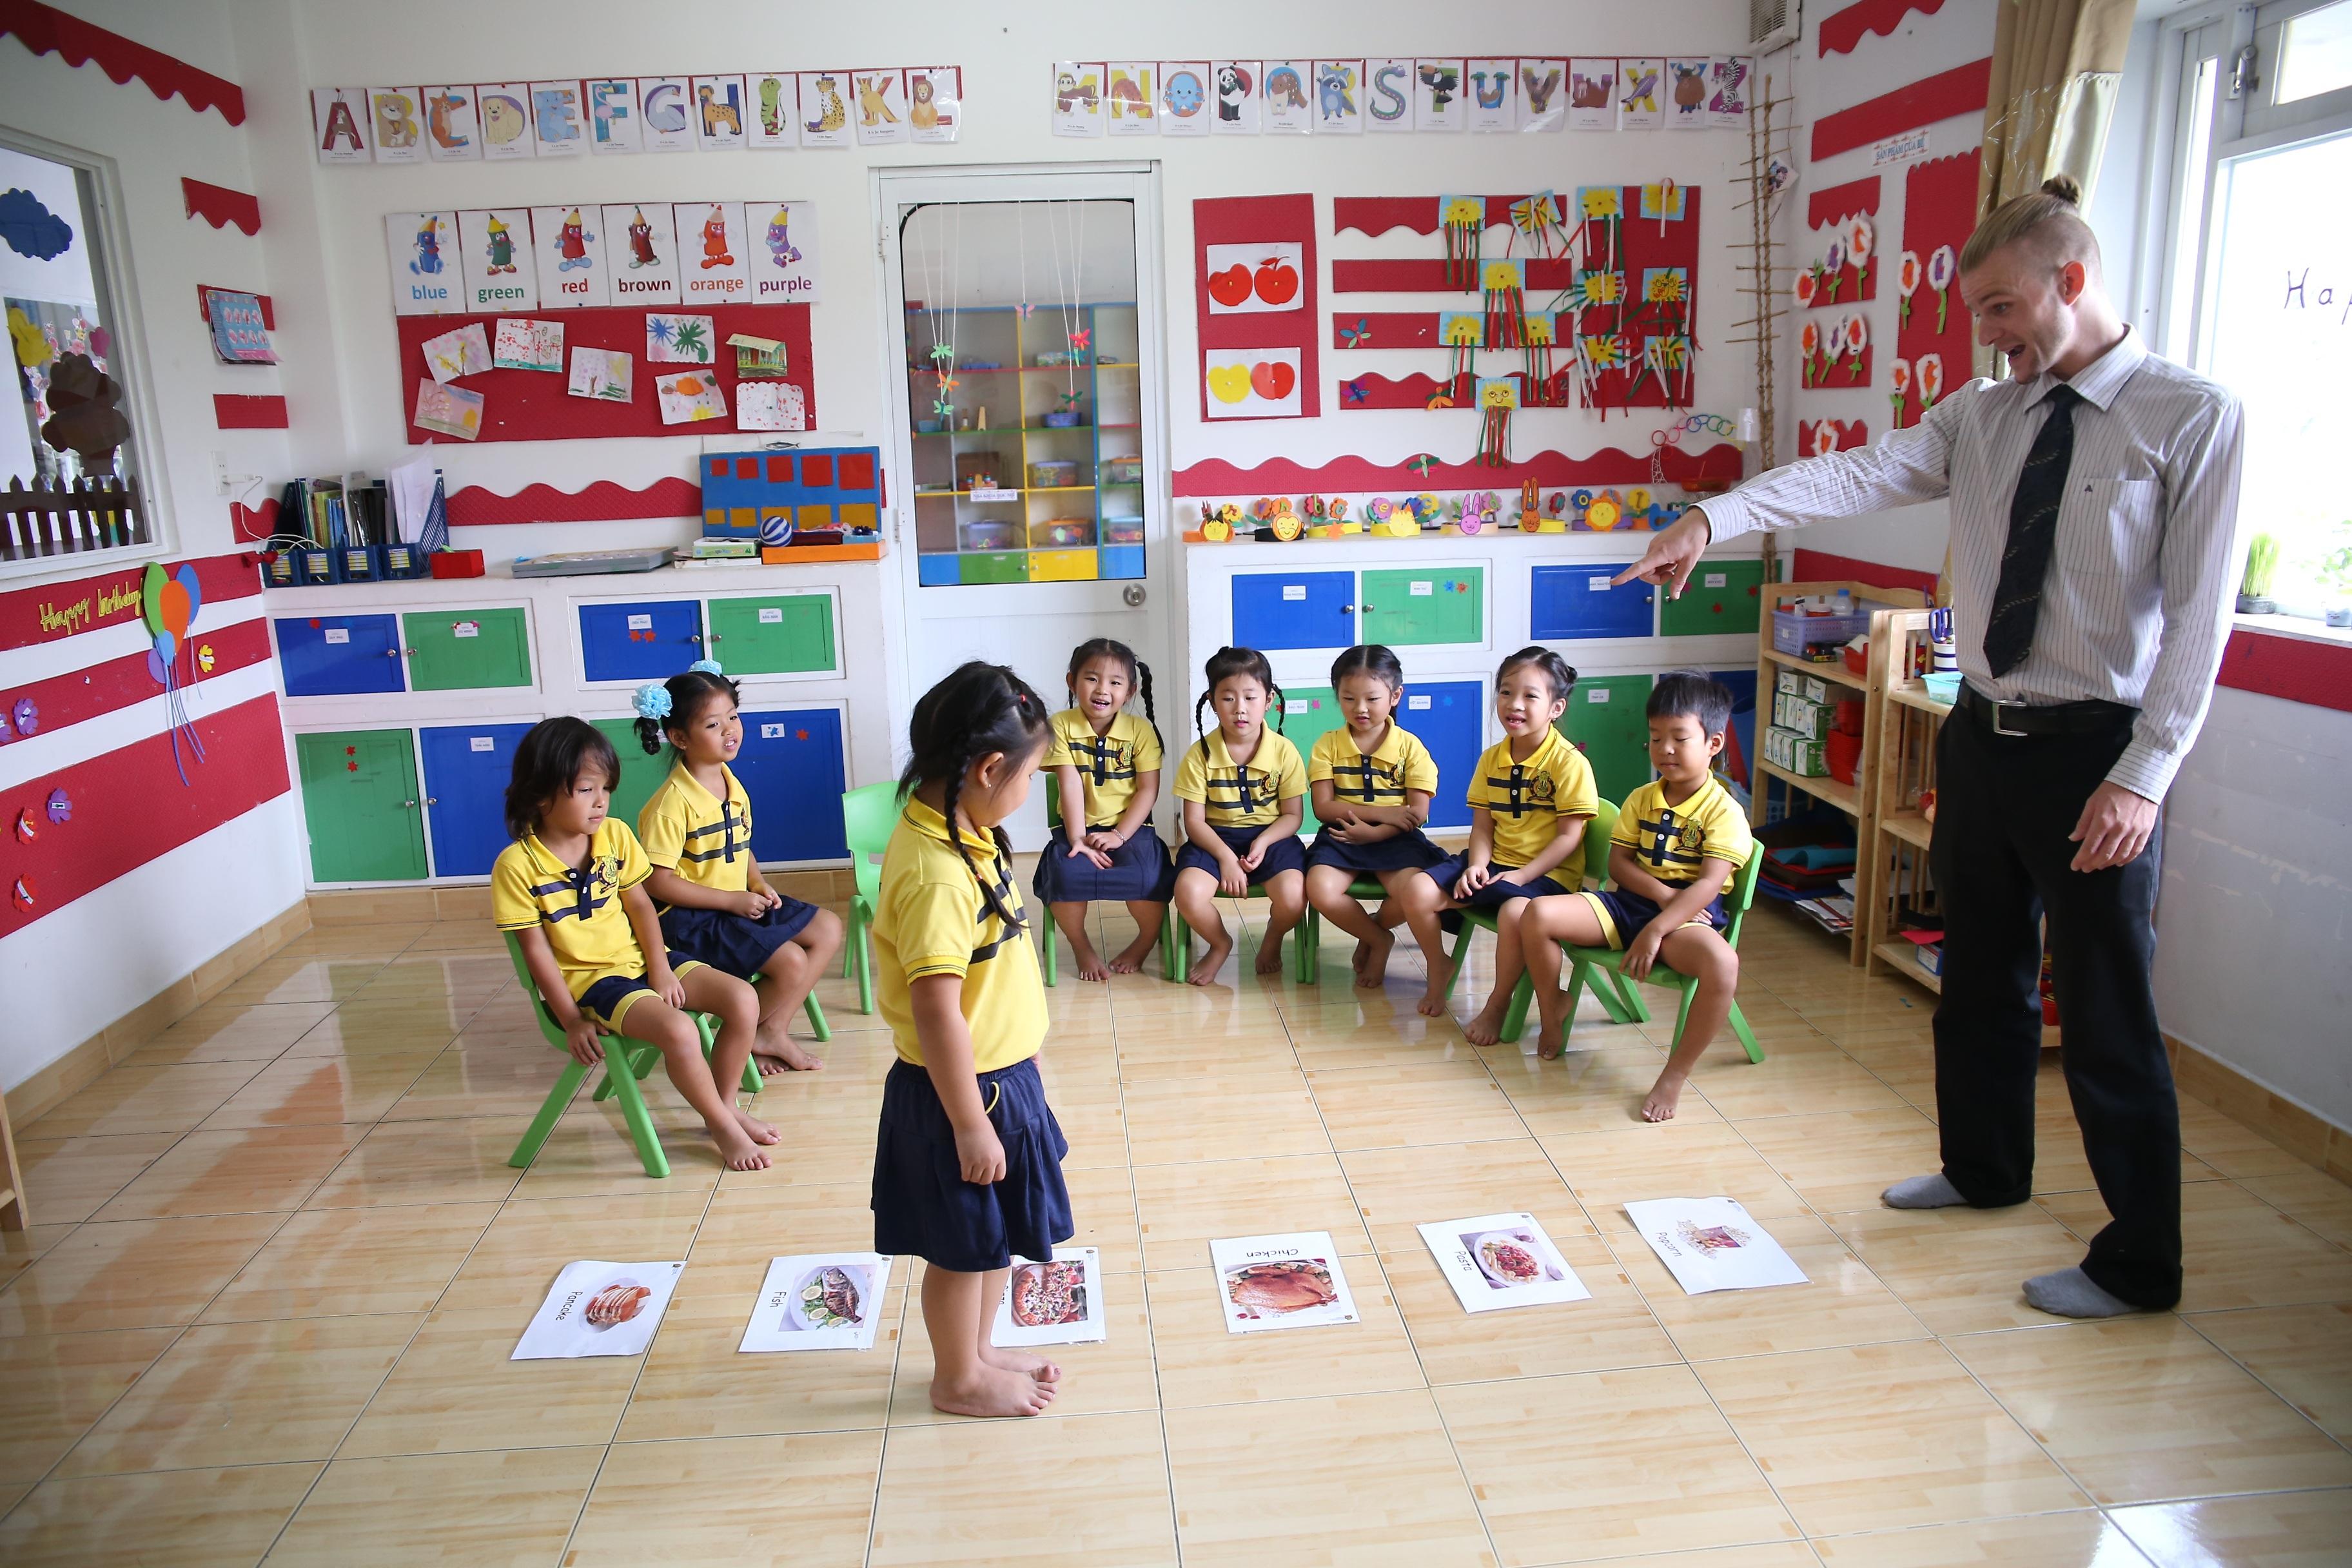 Gambar Permainan Kelas Anak Anak Belajar Taman Kanak Kanak